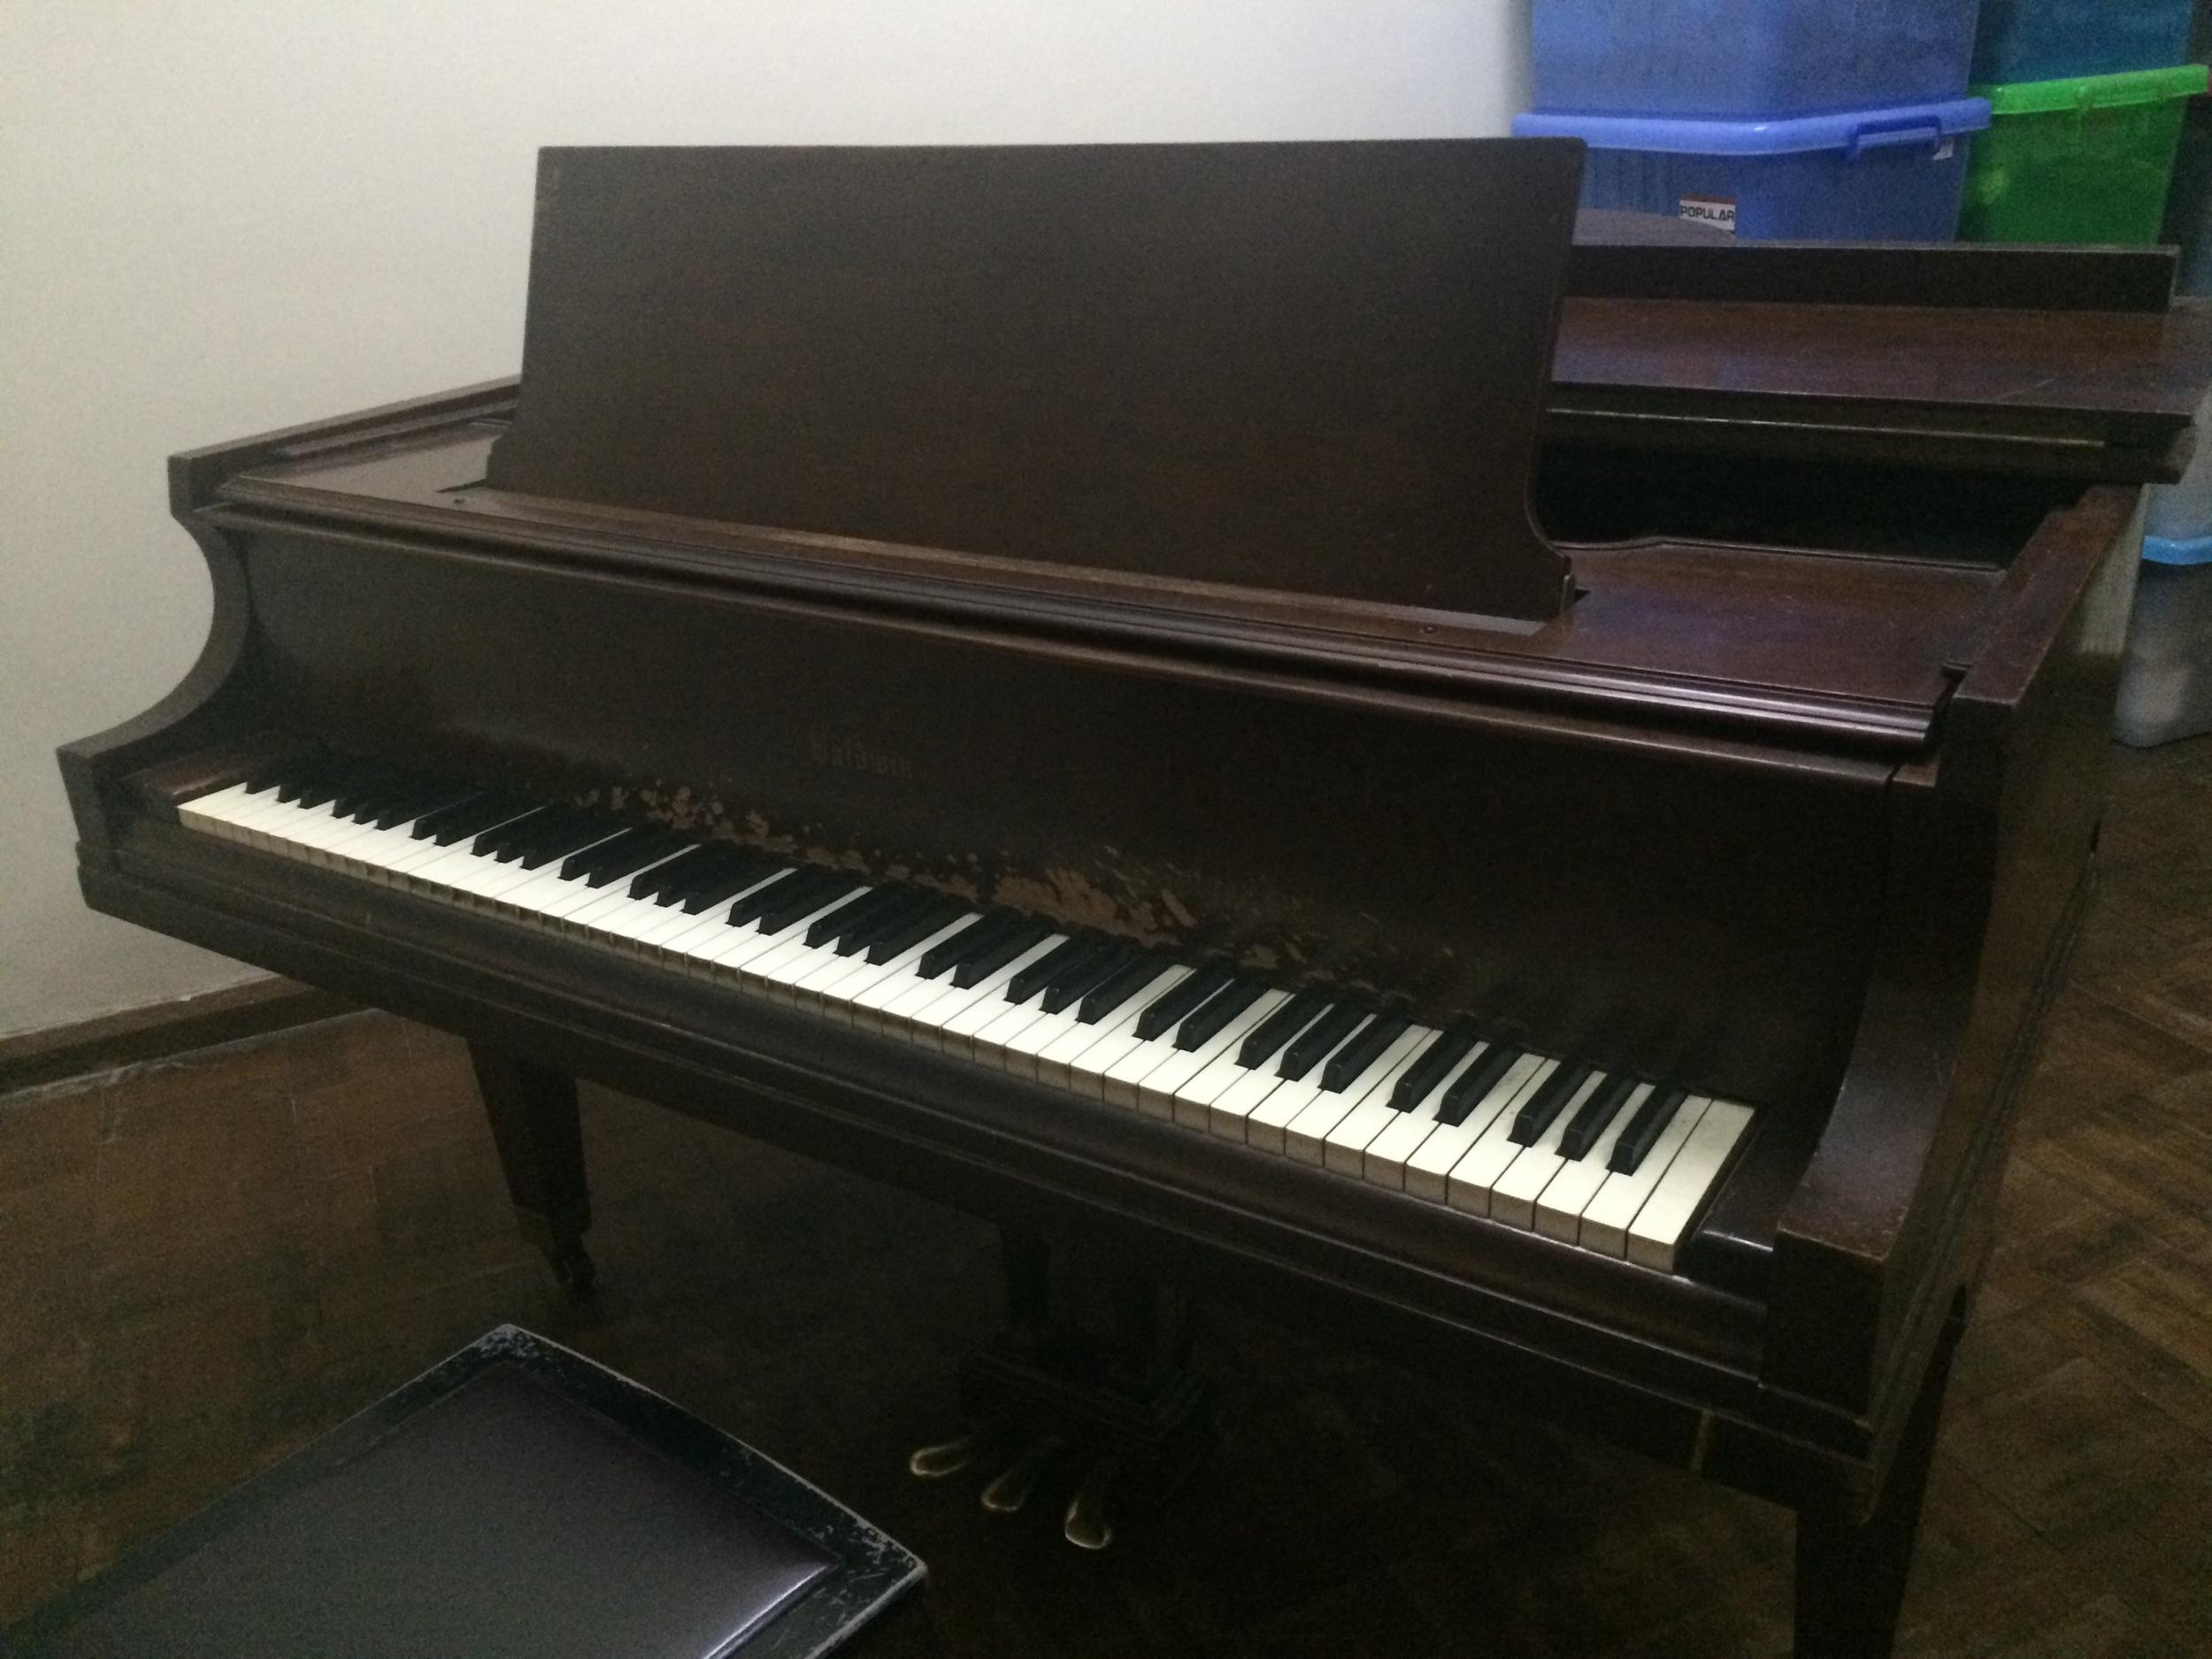 Joseph Smith's Piano